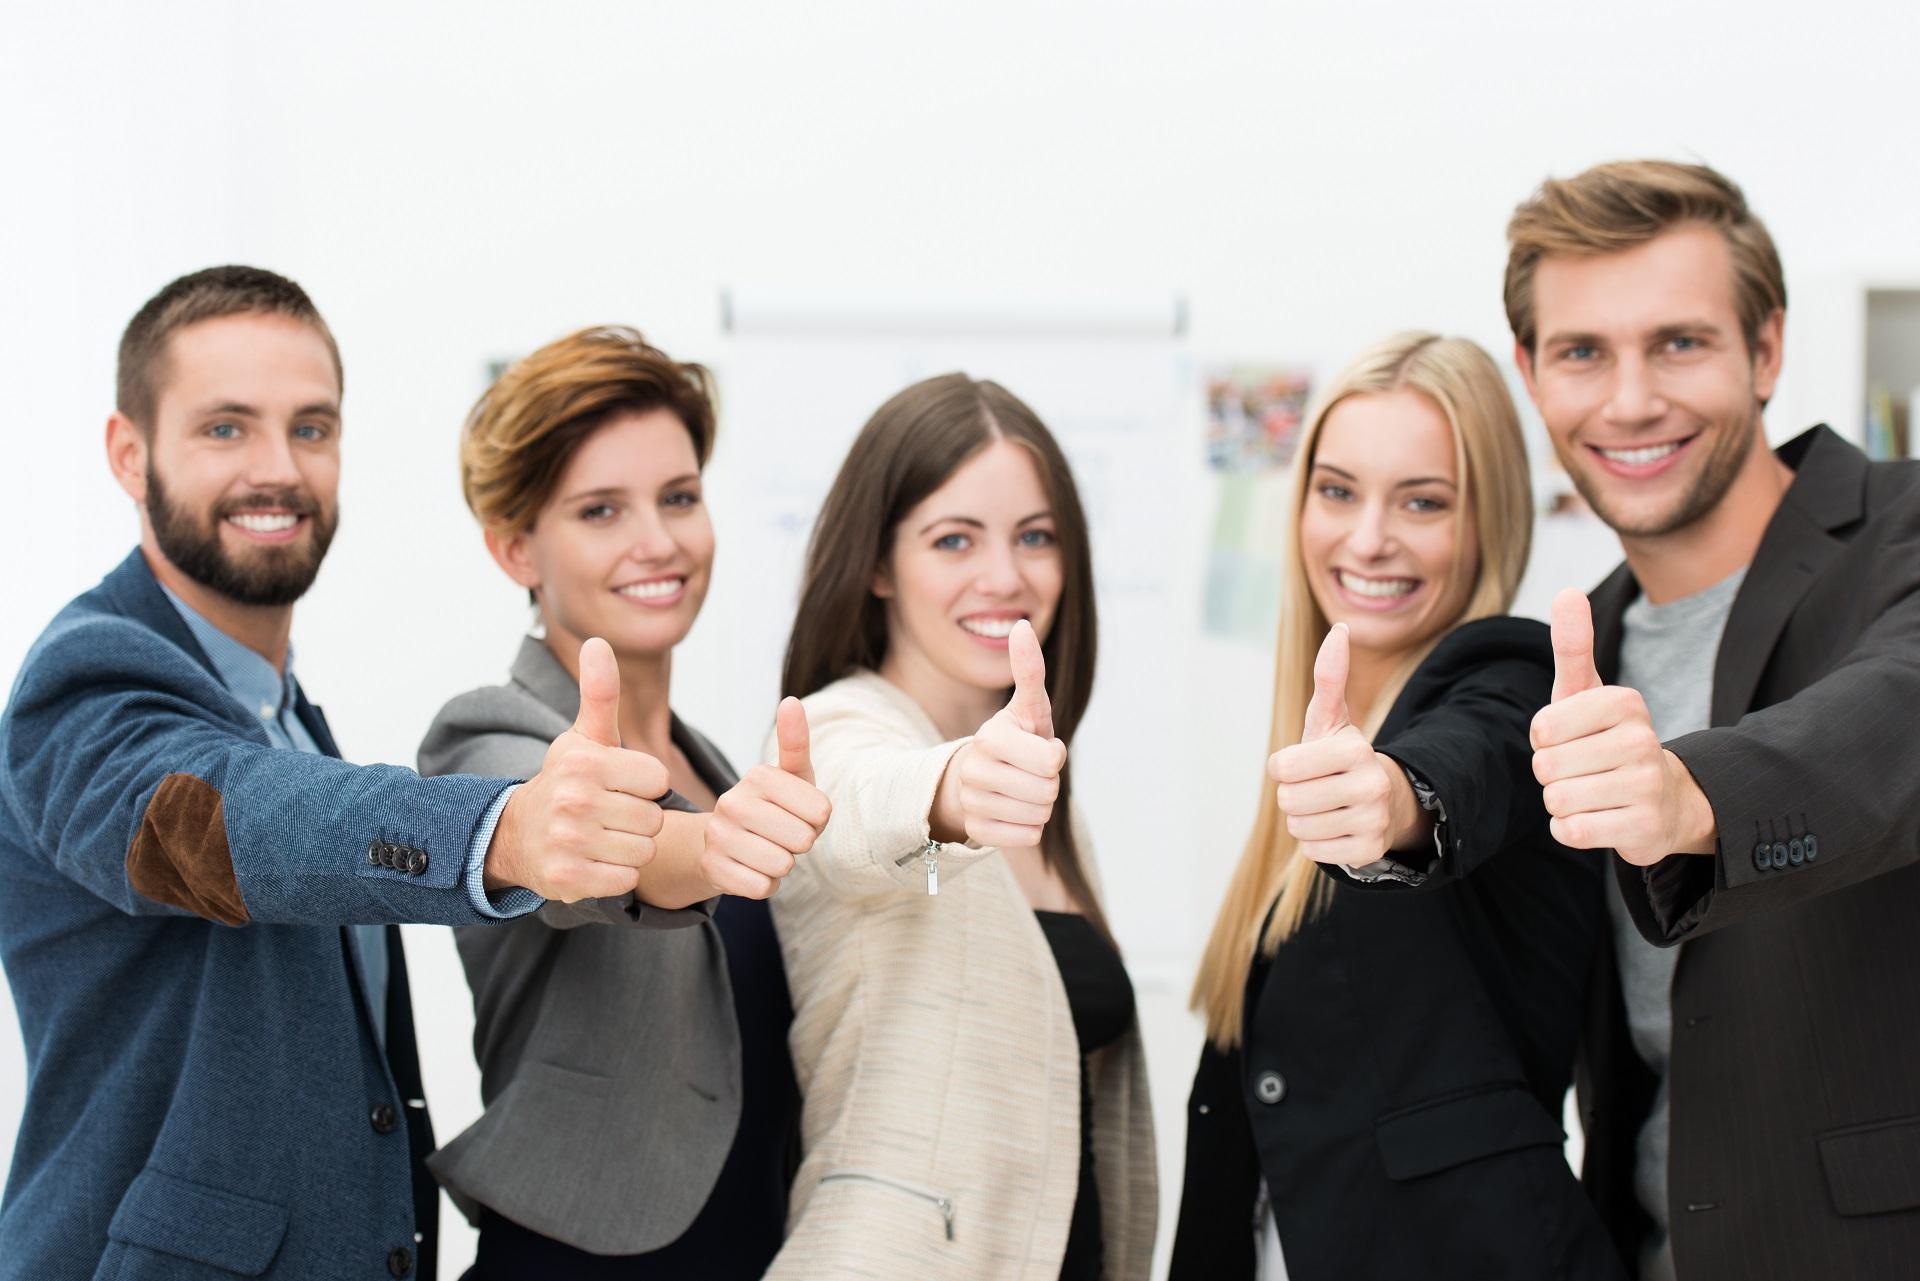 Как сделать бизнес на 100: у саратовских предпринимателей осталось 3 дня для регистрации на форум